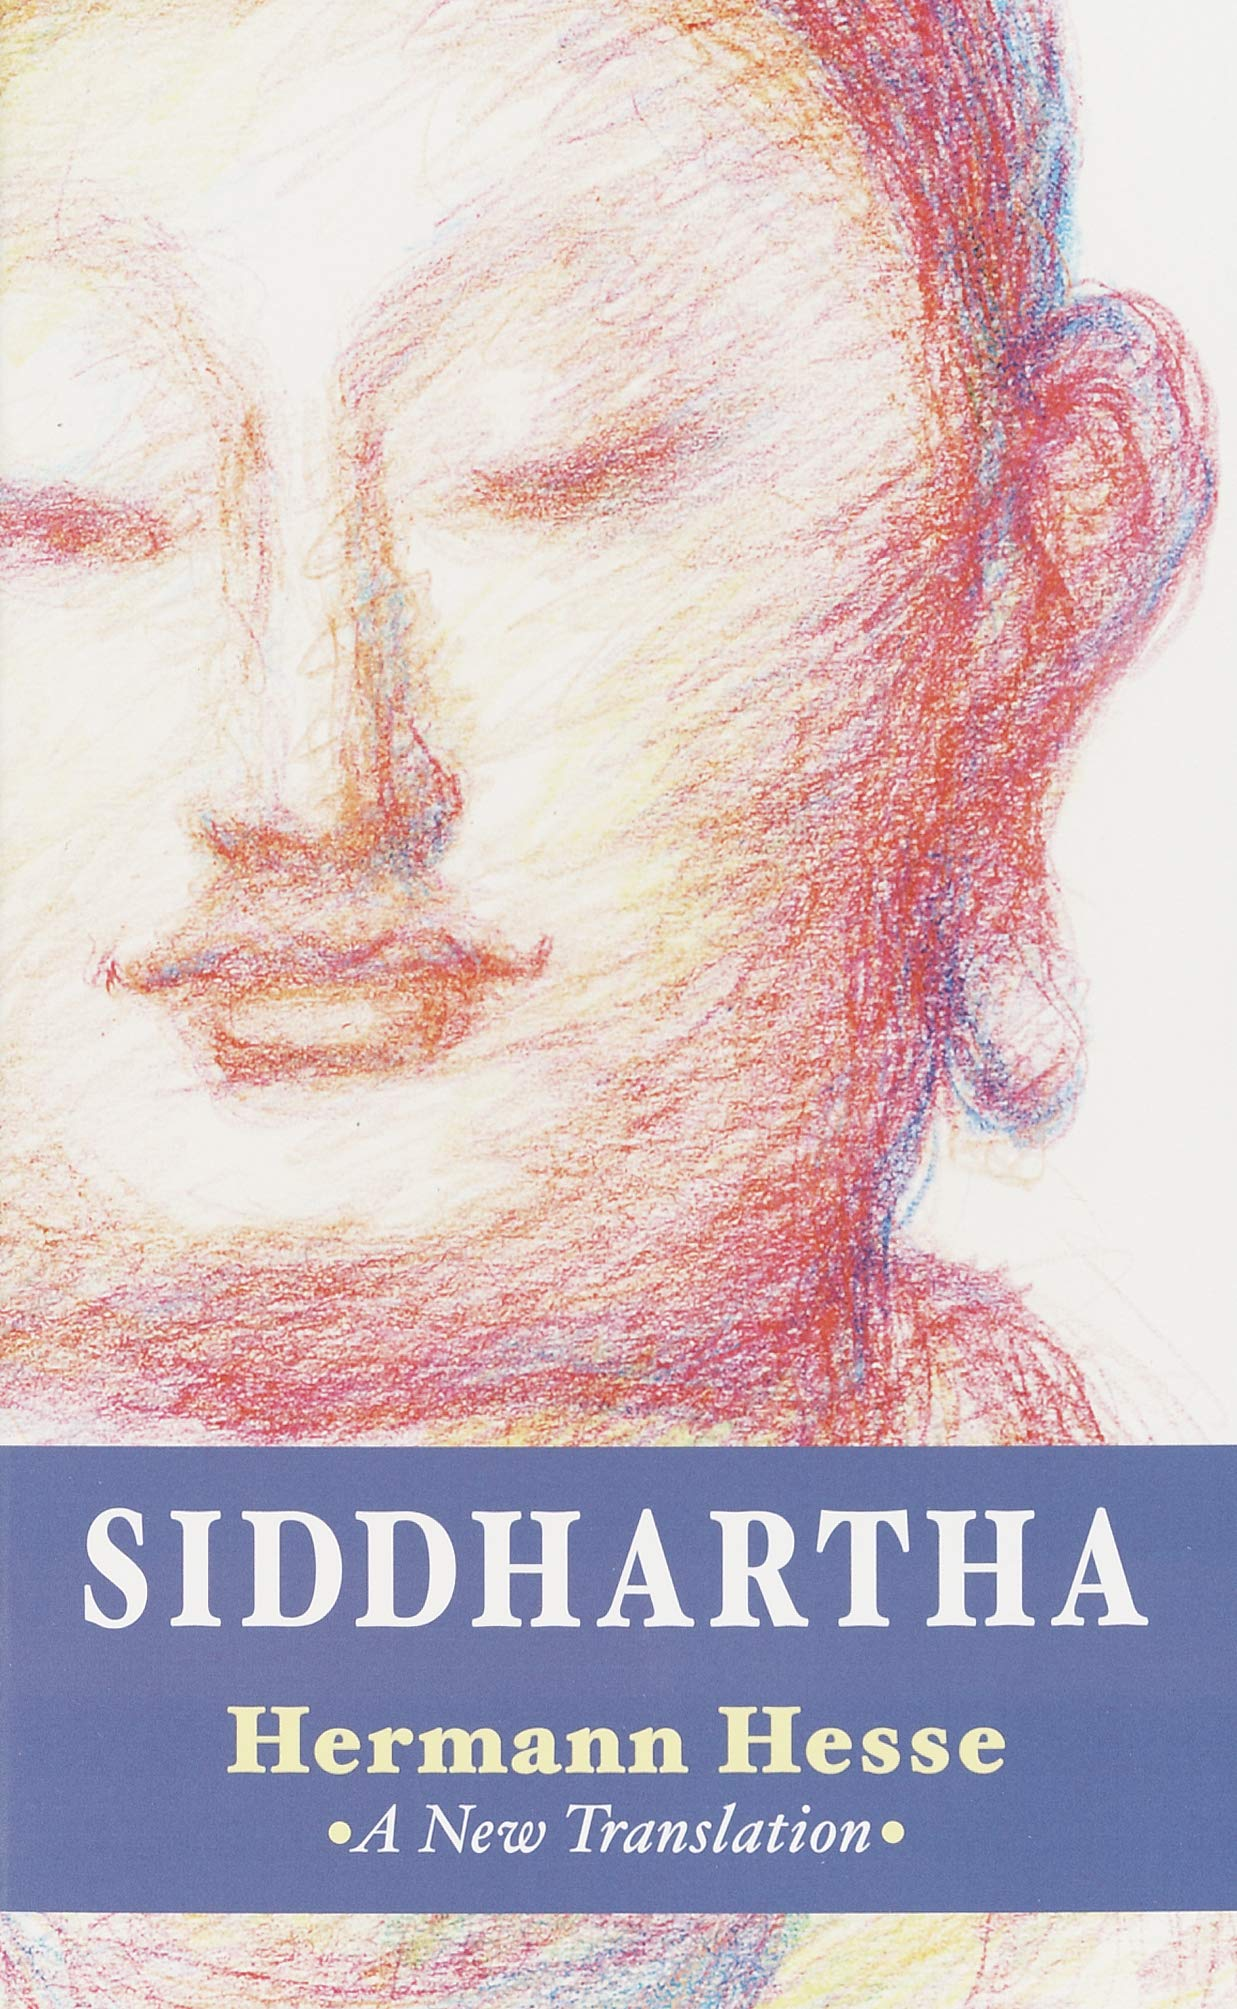 Siddhartha Hermann Hesse Pdf Italiano